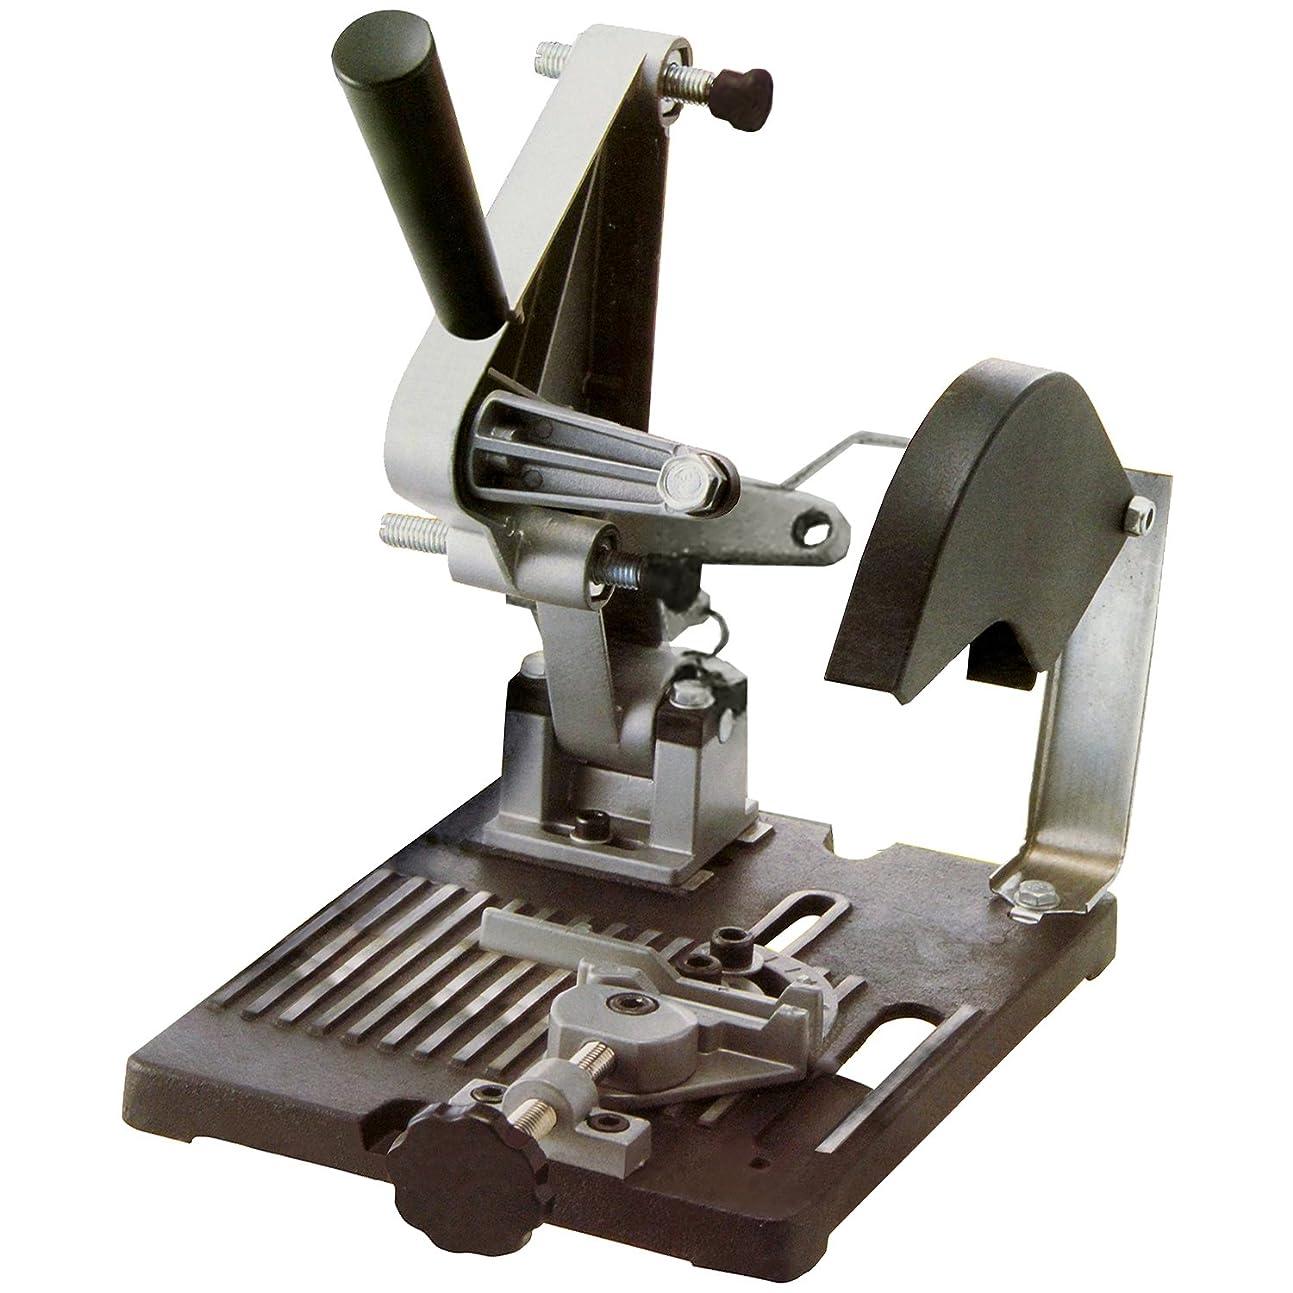 強制的ページ十代SK11 ディスクグラインダースタンド 100 125mm ディスクグラインダー用